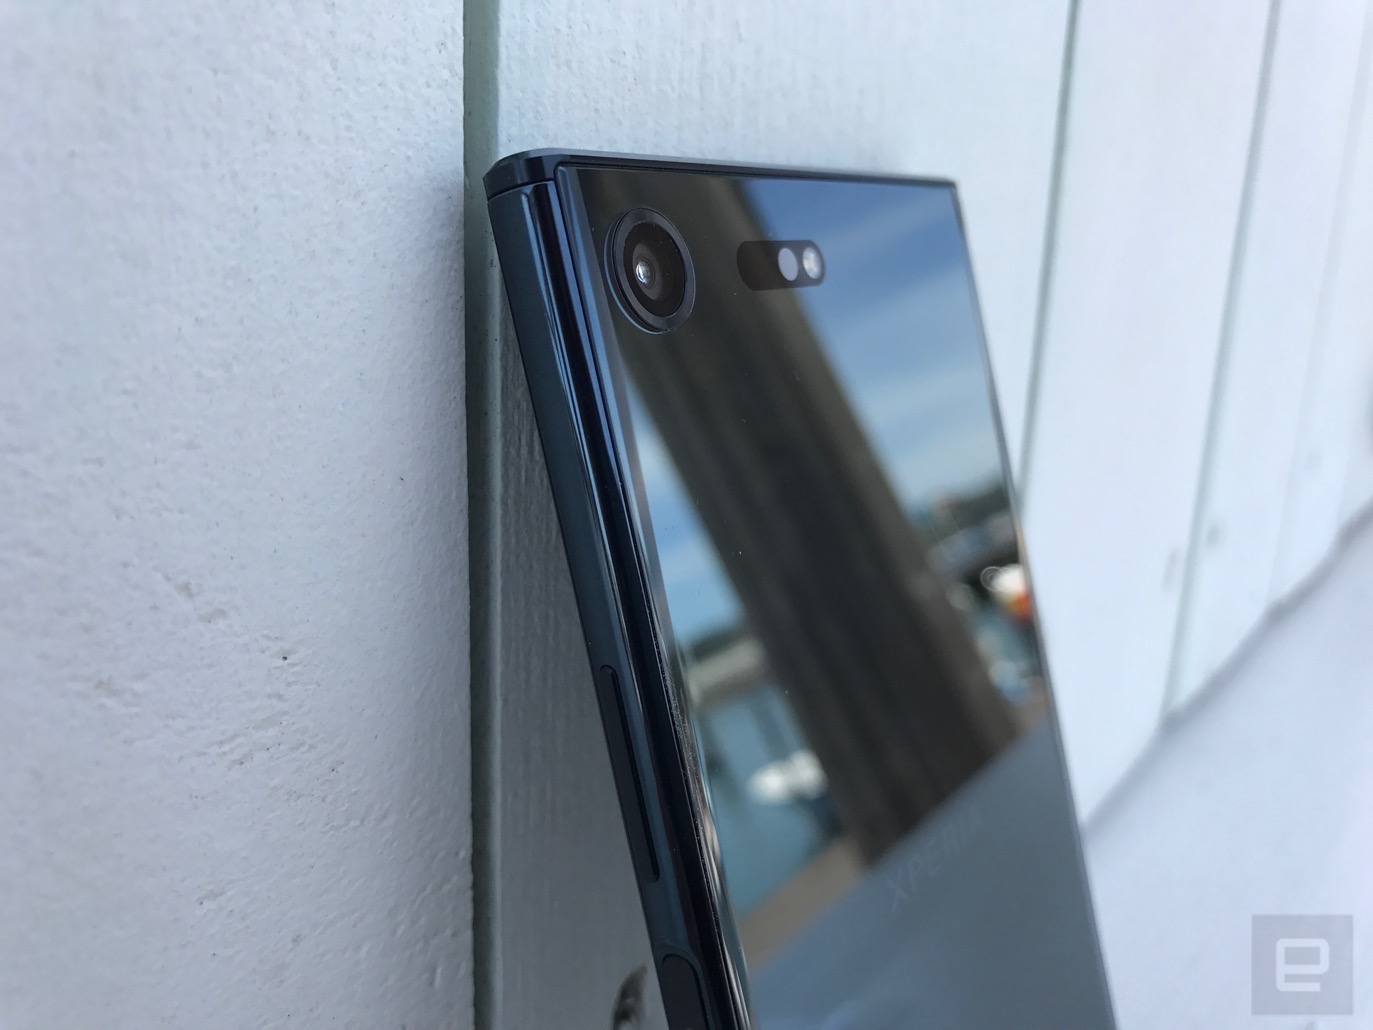 Probamos la cámara del Sony Xperia XZ Premium: ¿ha conseguido finalmente impresionarnos?